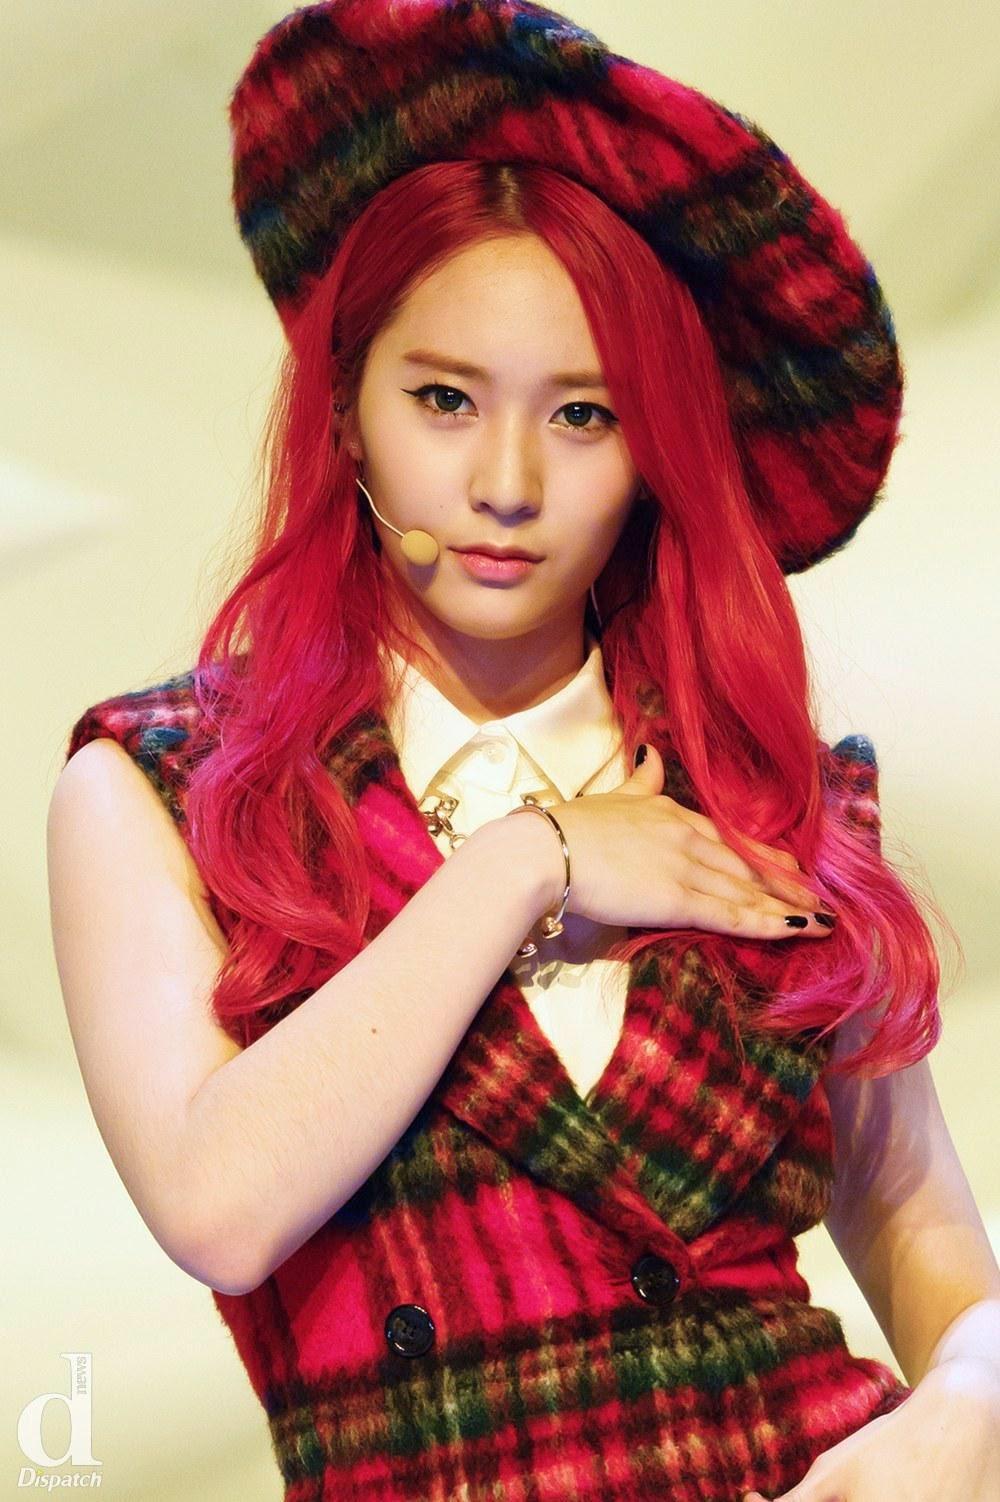 3e2c03895609139e757bbcac147edfa1_redstal-pinkstal-krystal-with-pink-red-hair-is-bae-af-fx-krystal-red-hair_1000-1502